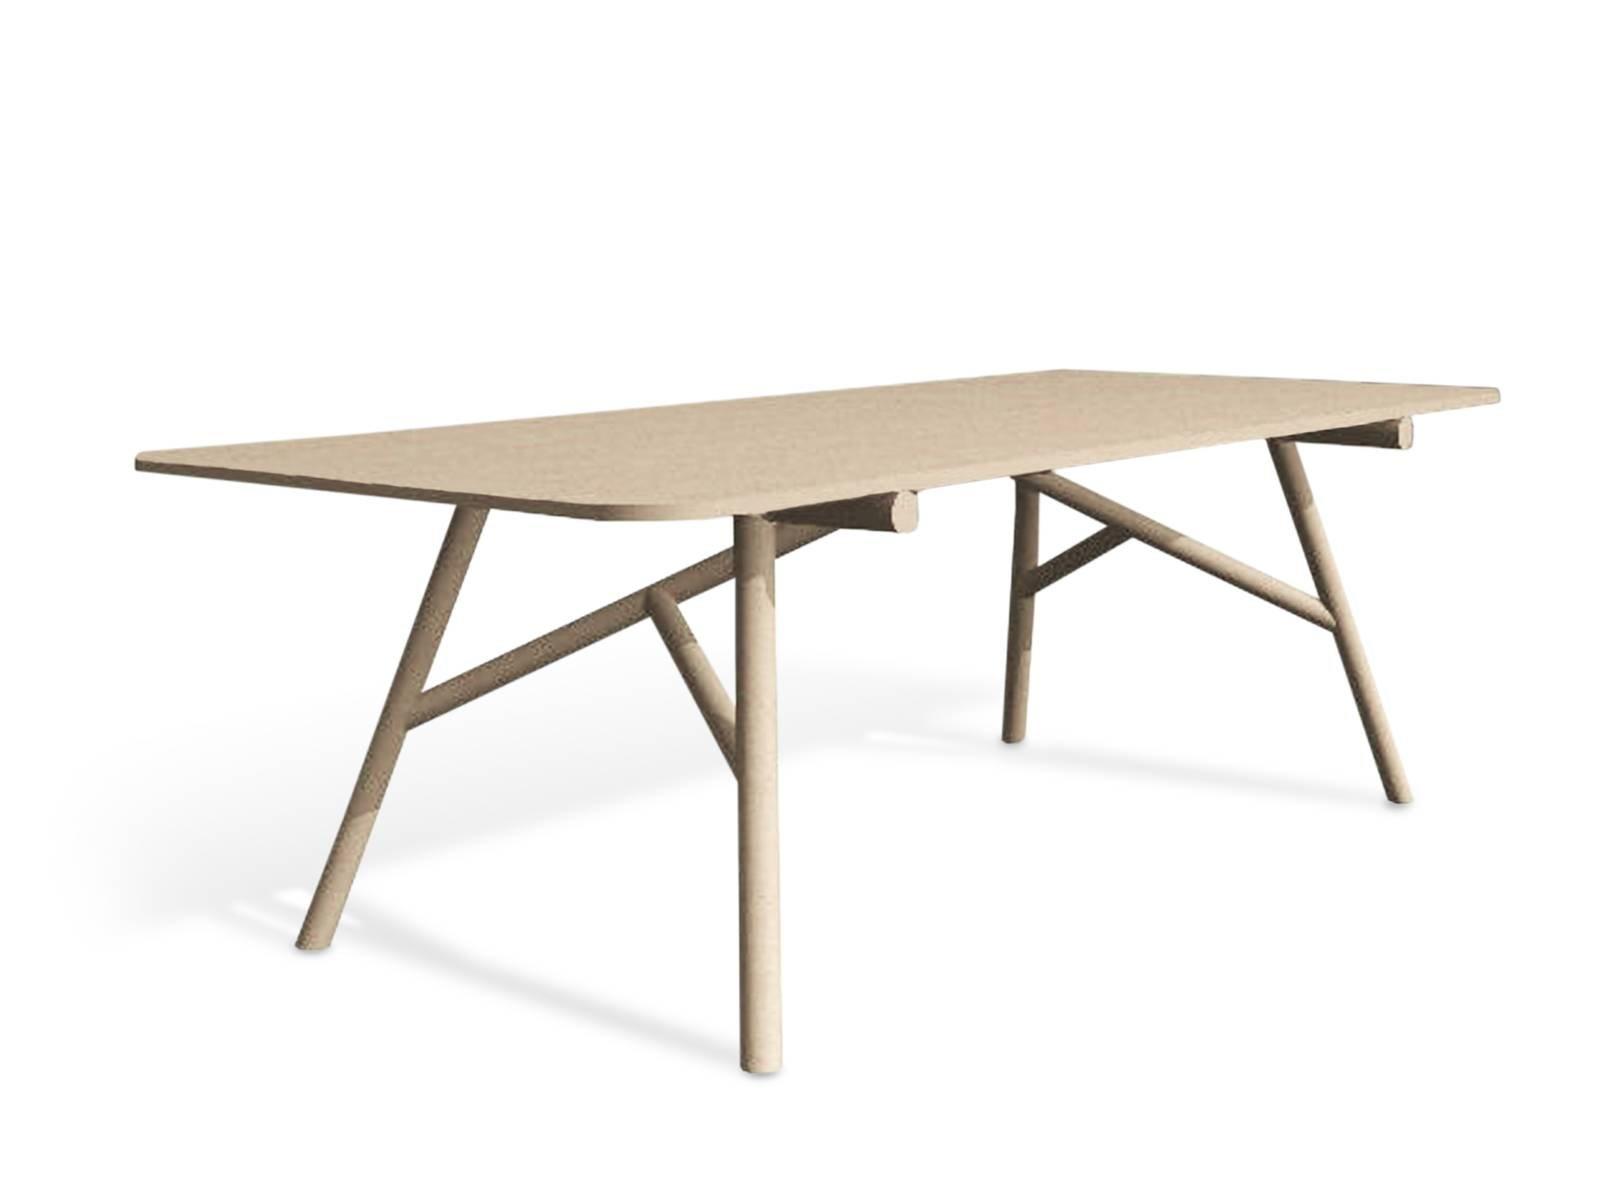 Piani sottili per i tavoli al salone del mobile 2017 for Tavolo salone